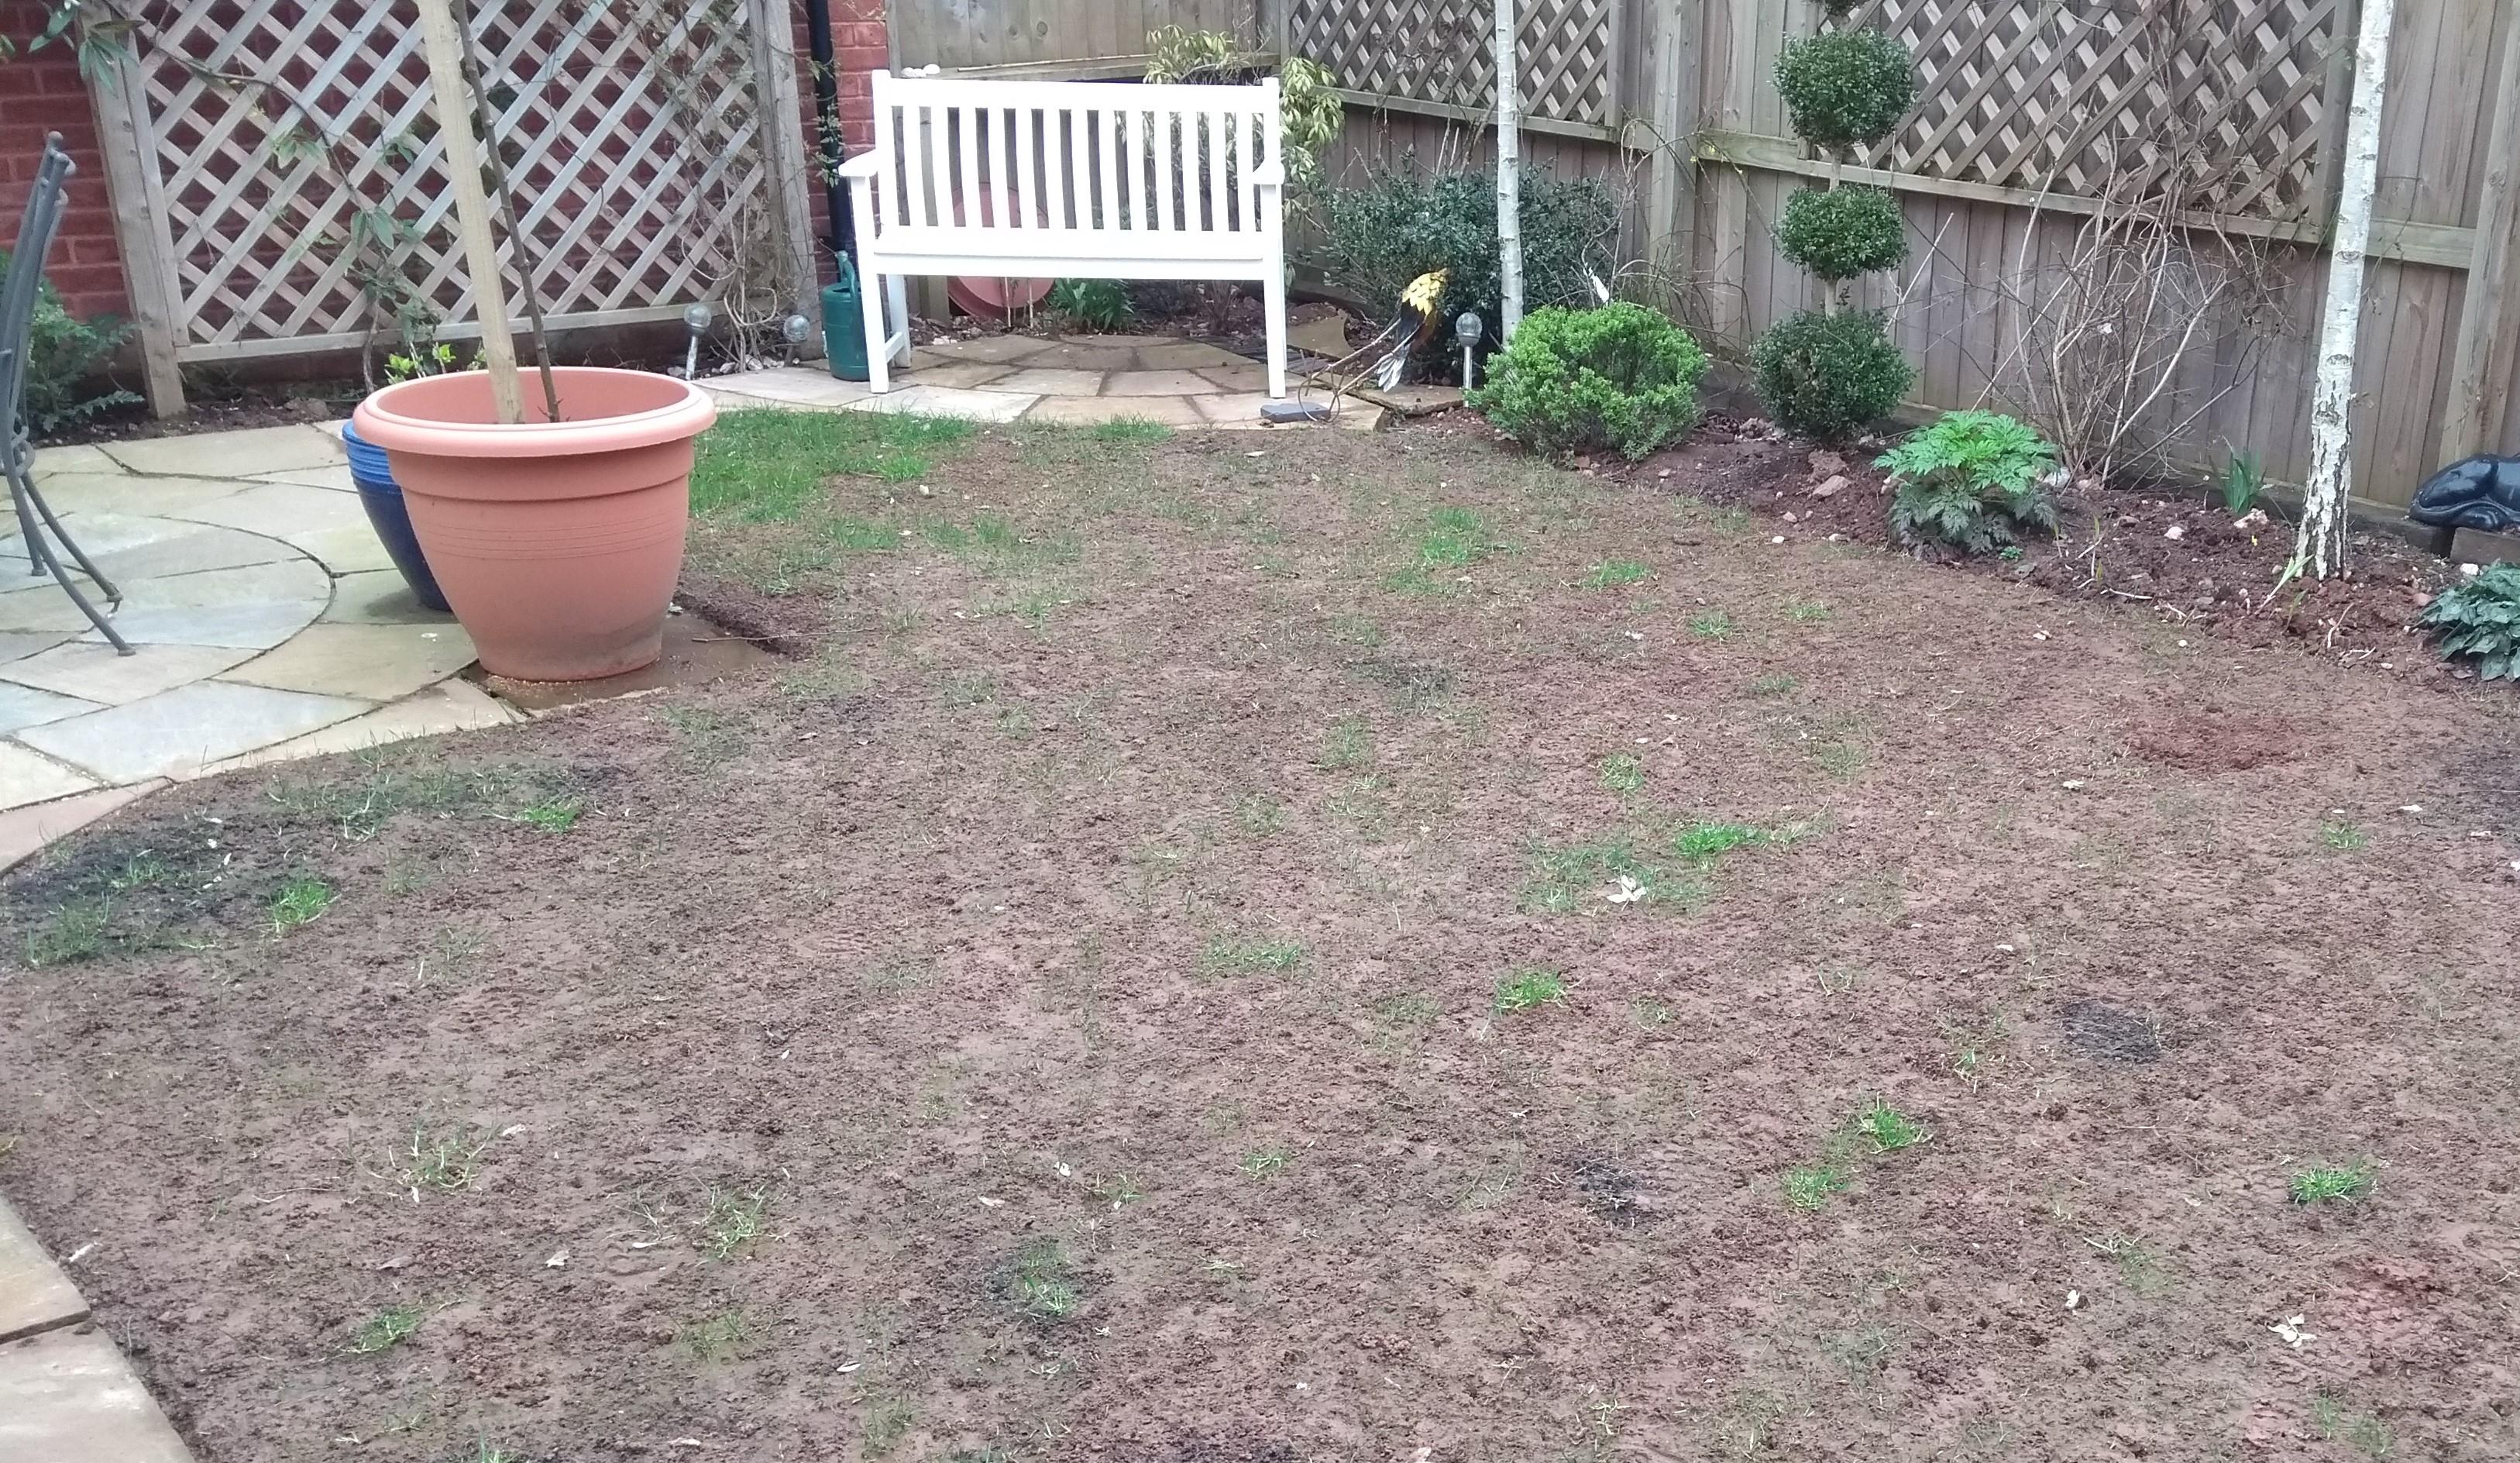 Leatherjacket lawn damage